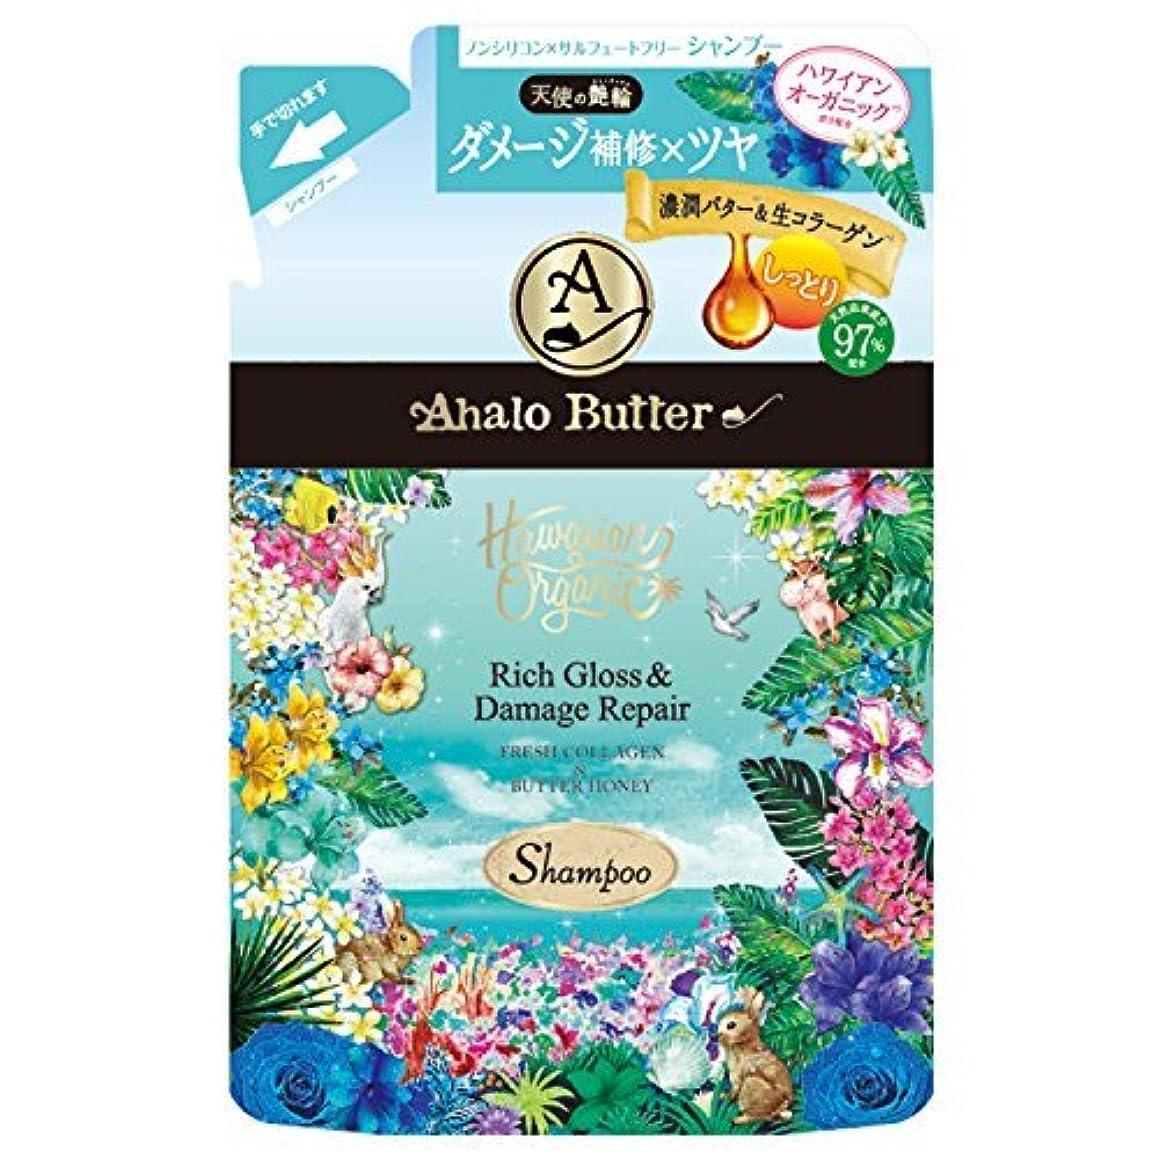 可塑性ポール港Ahalo butter(アハロバター) ハワイアンオーガニック リッチグロス&ダメージリペア モイストシャンプー / 詰め替え / 400ml